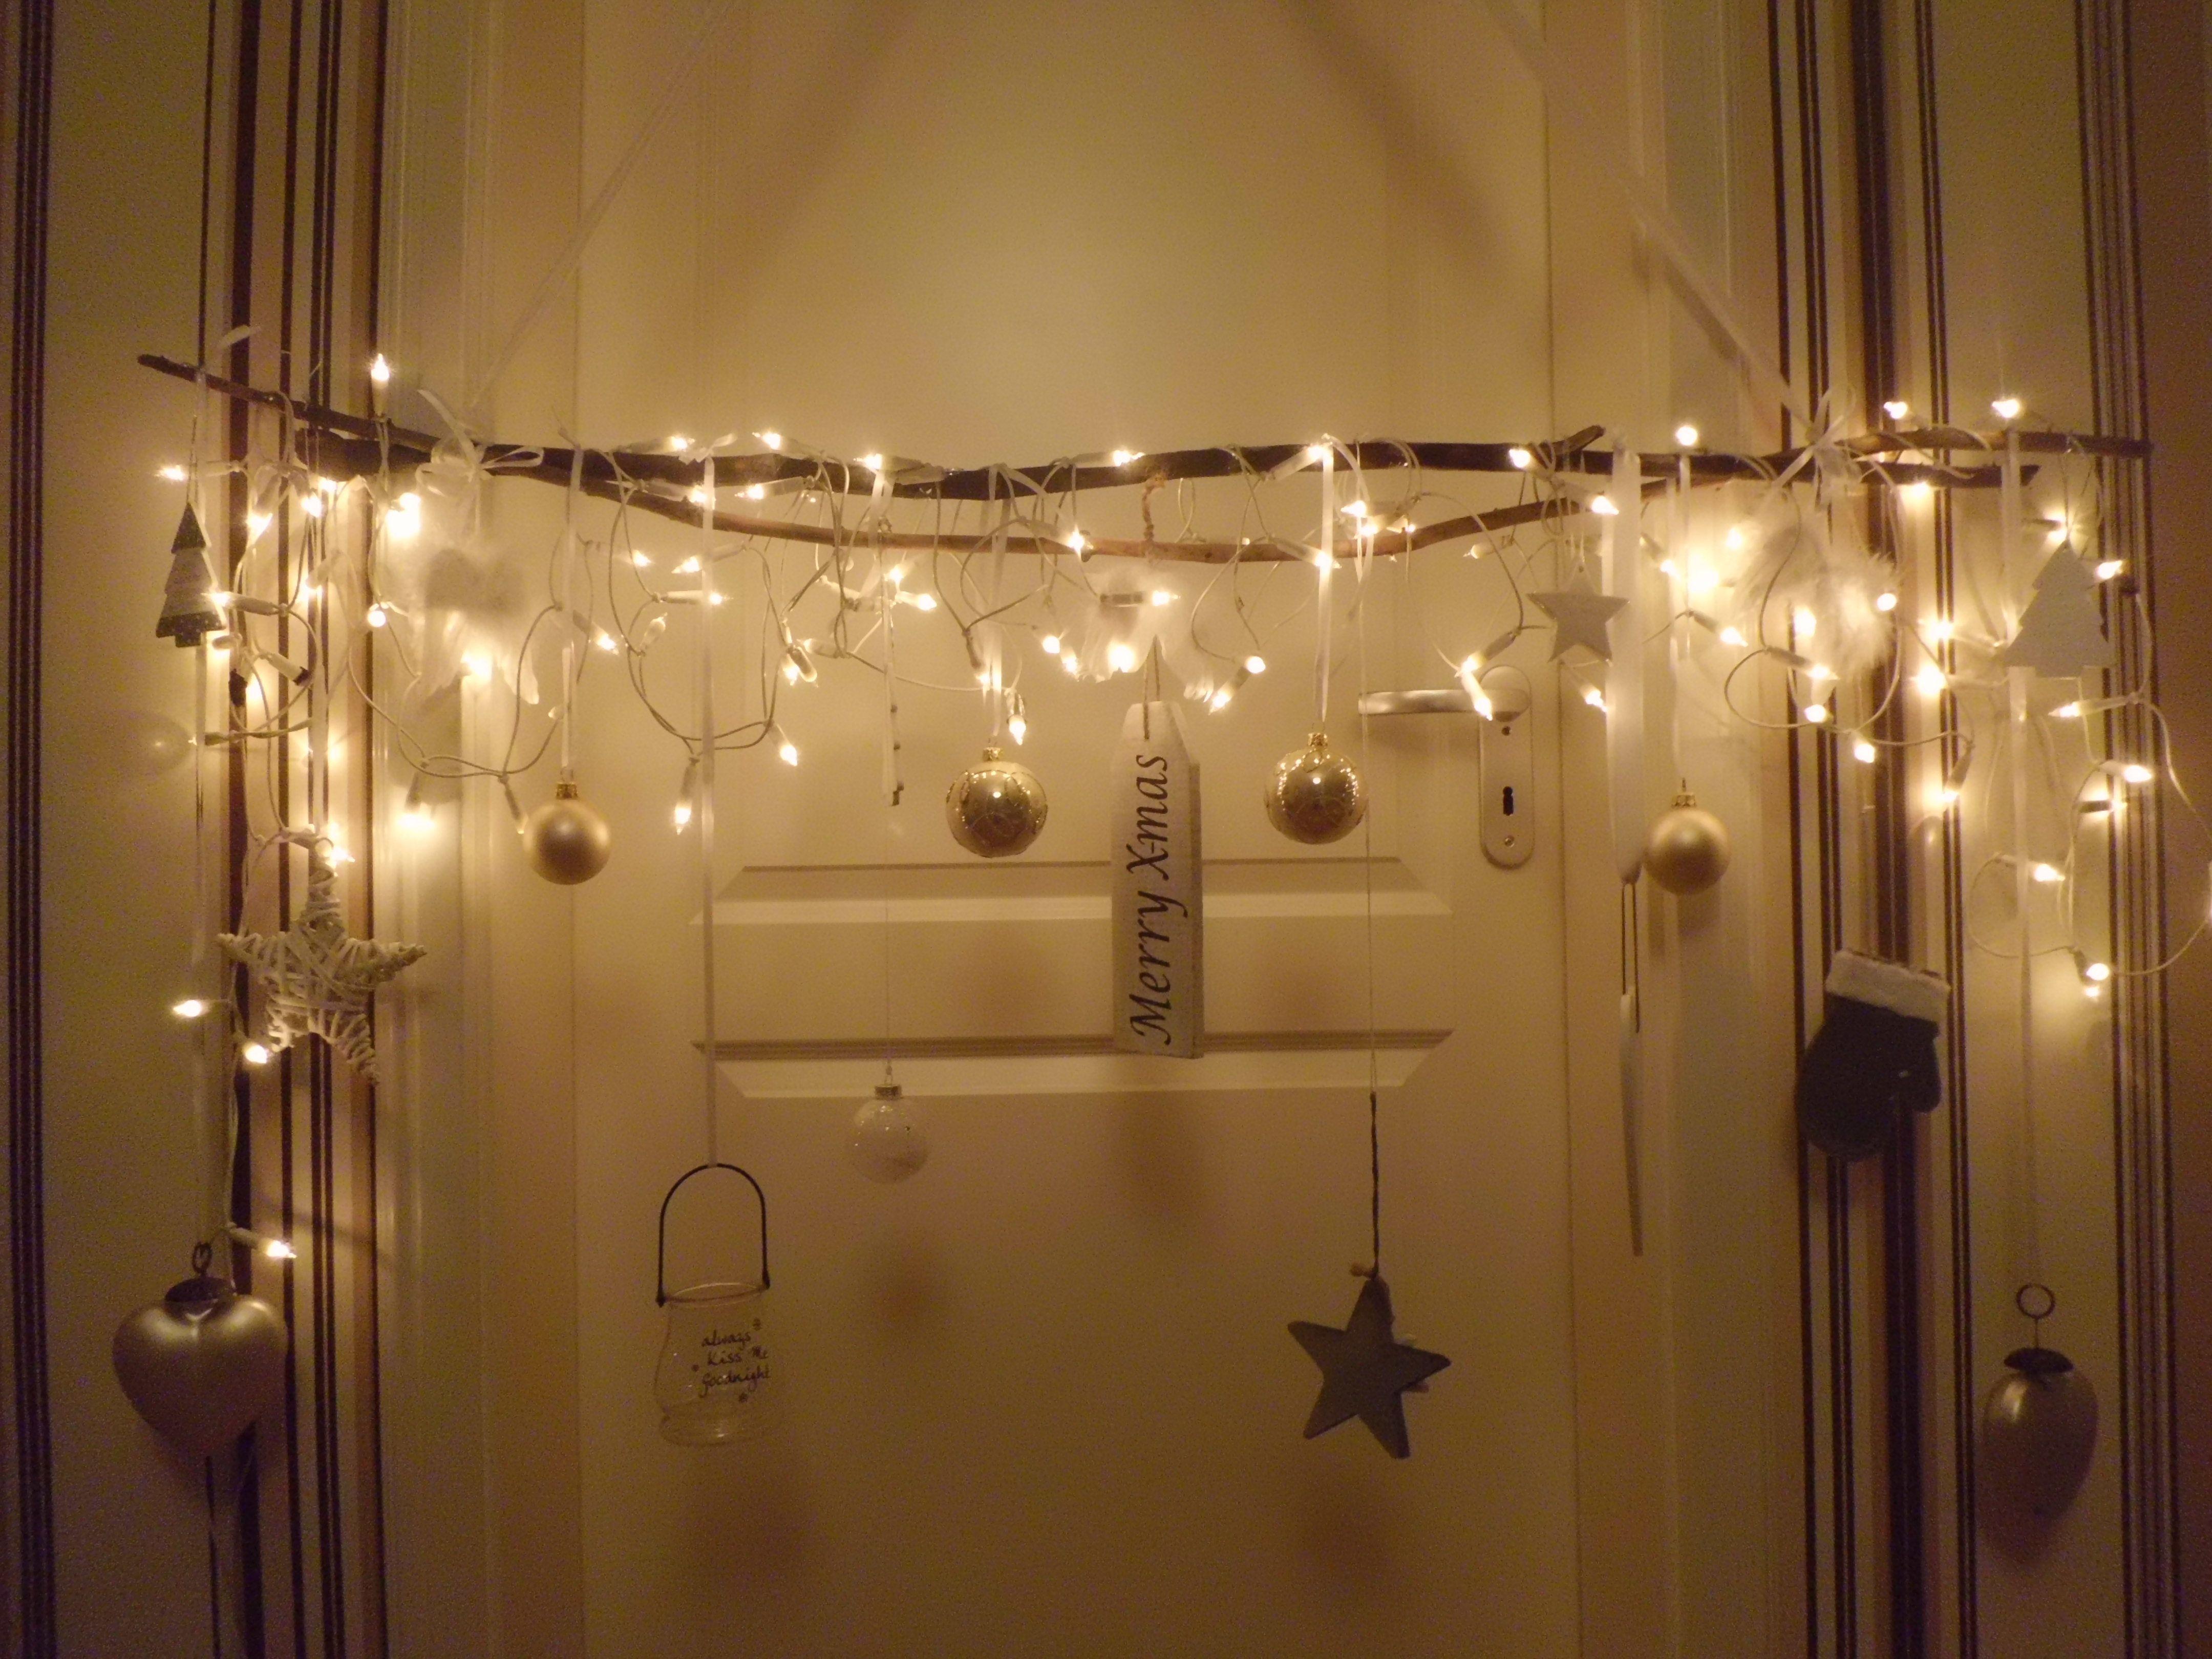 fensterdeko weihnachtszweig ideen weihnachten pinterest weihnachten fensterdeko und. Black Bedroom Furniture Sets. Home Design Ideas